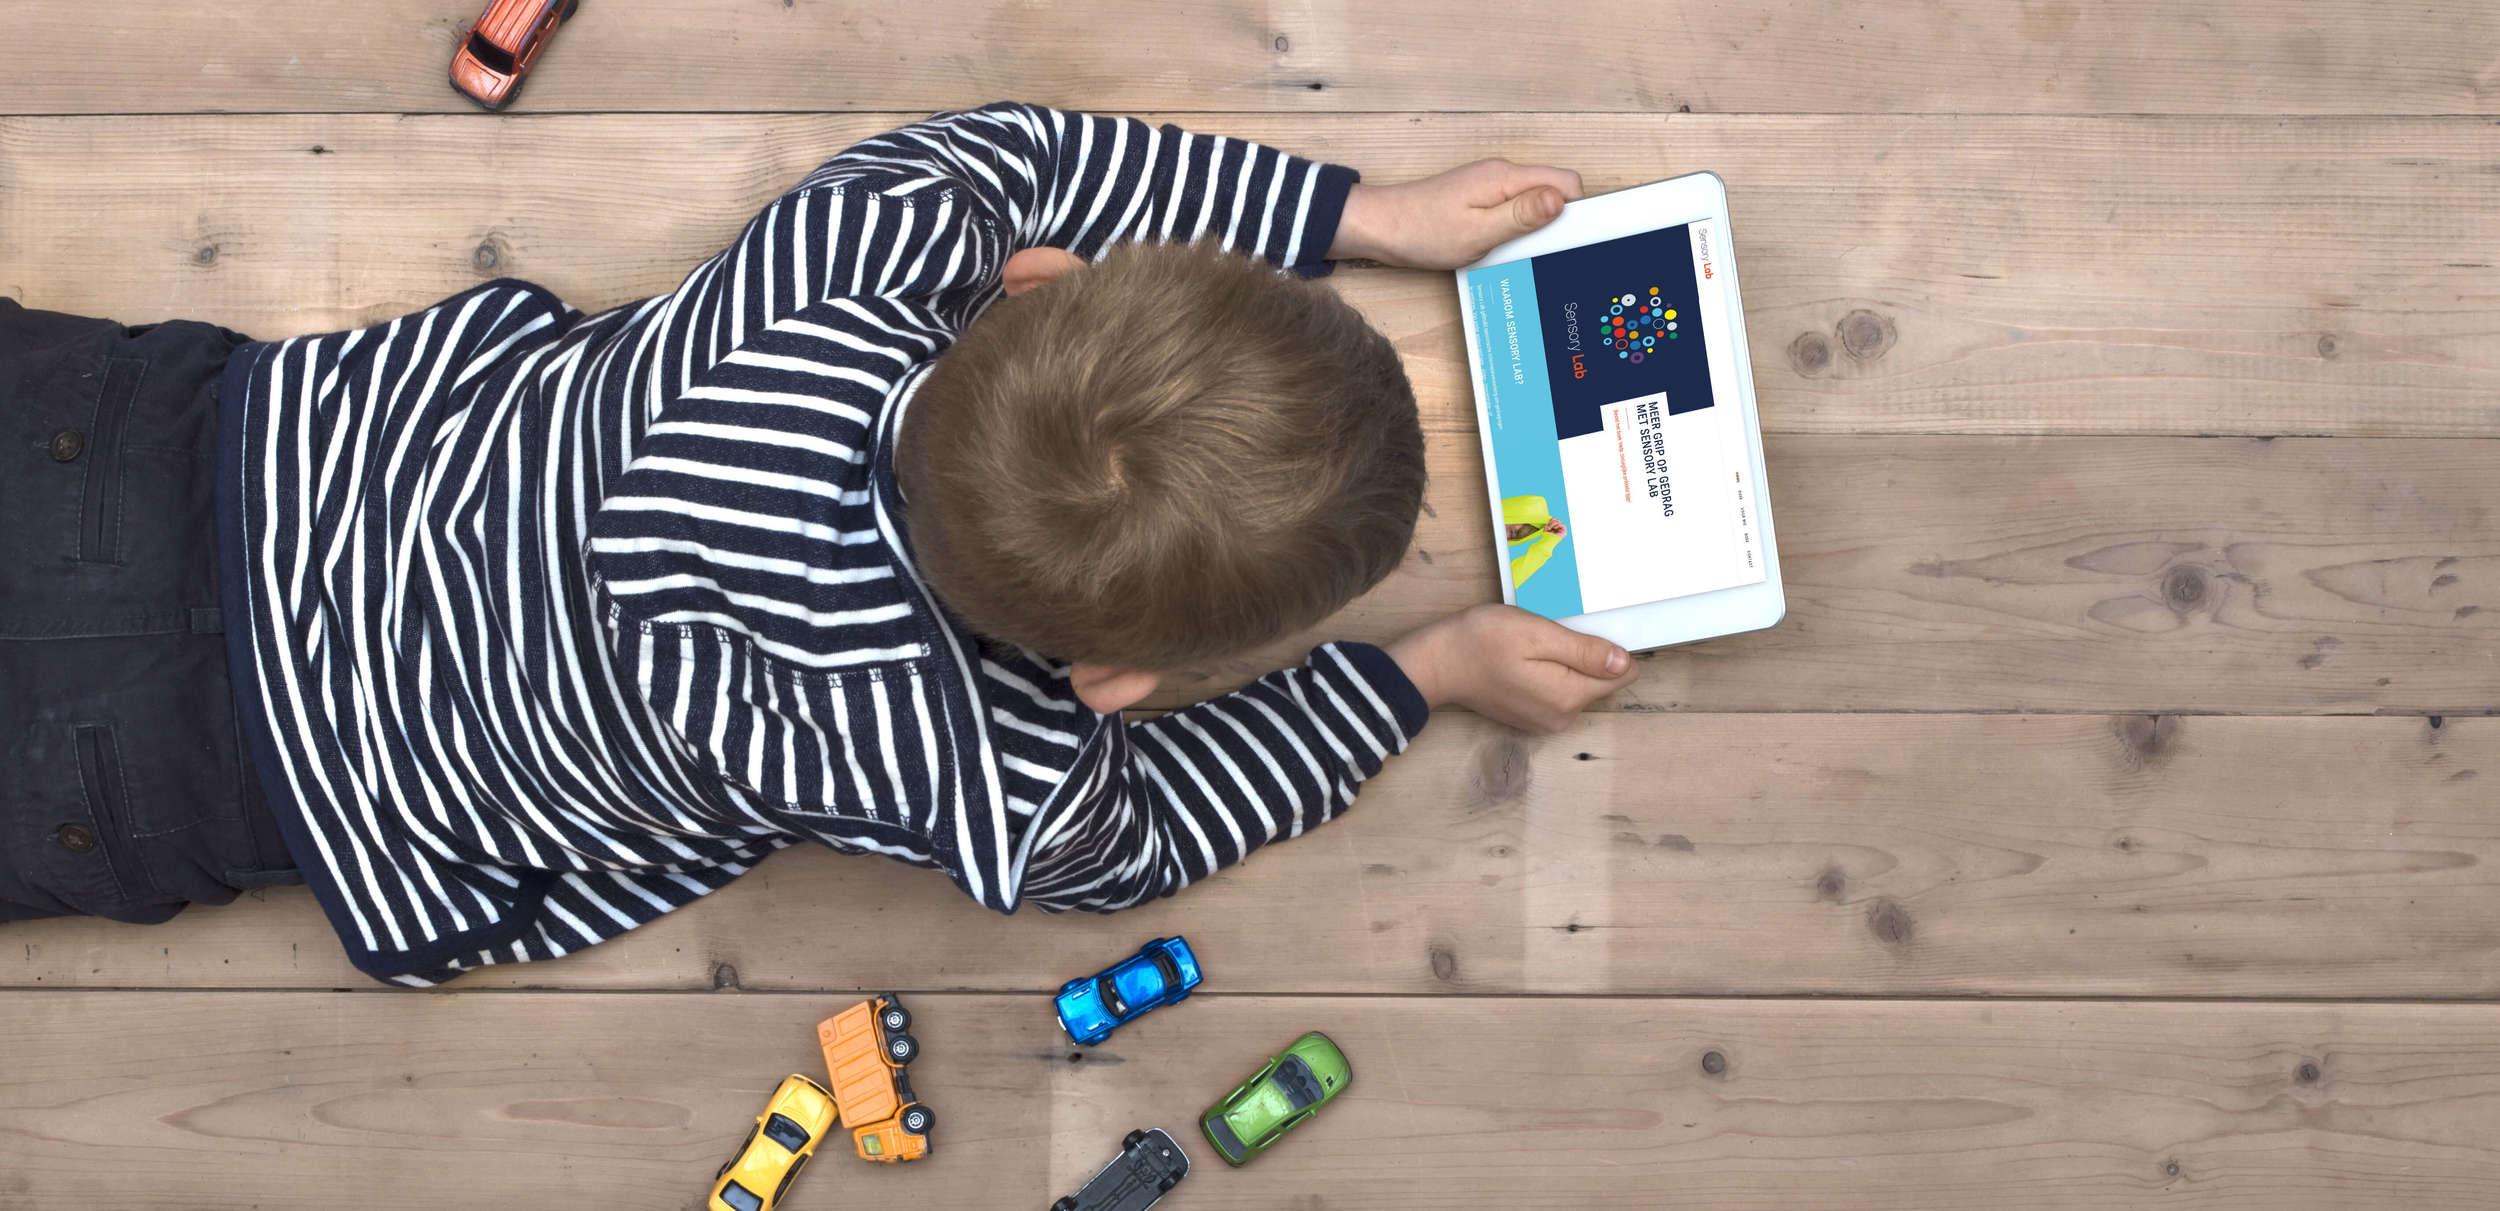 https://brandmatters.nl/app/uploads/2020/06/Sensory_site_01.jpg